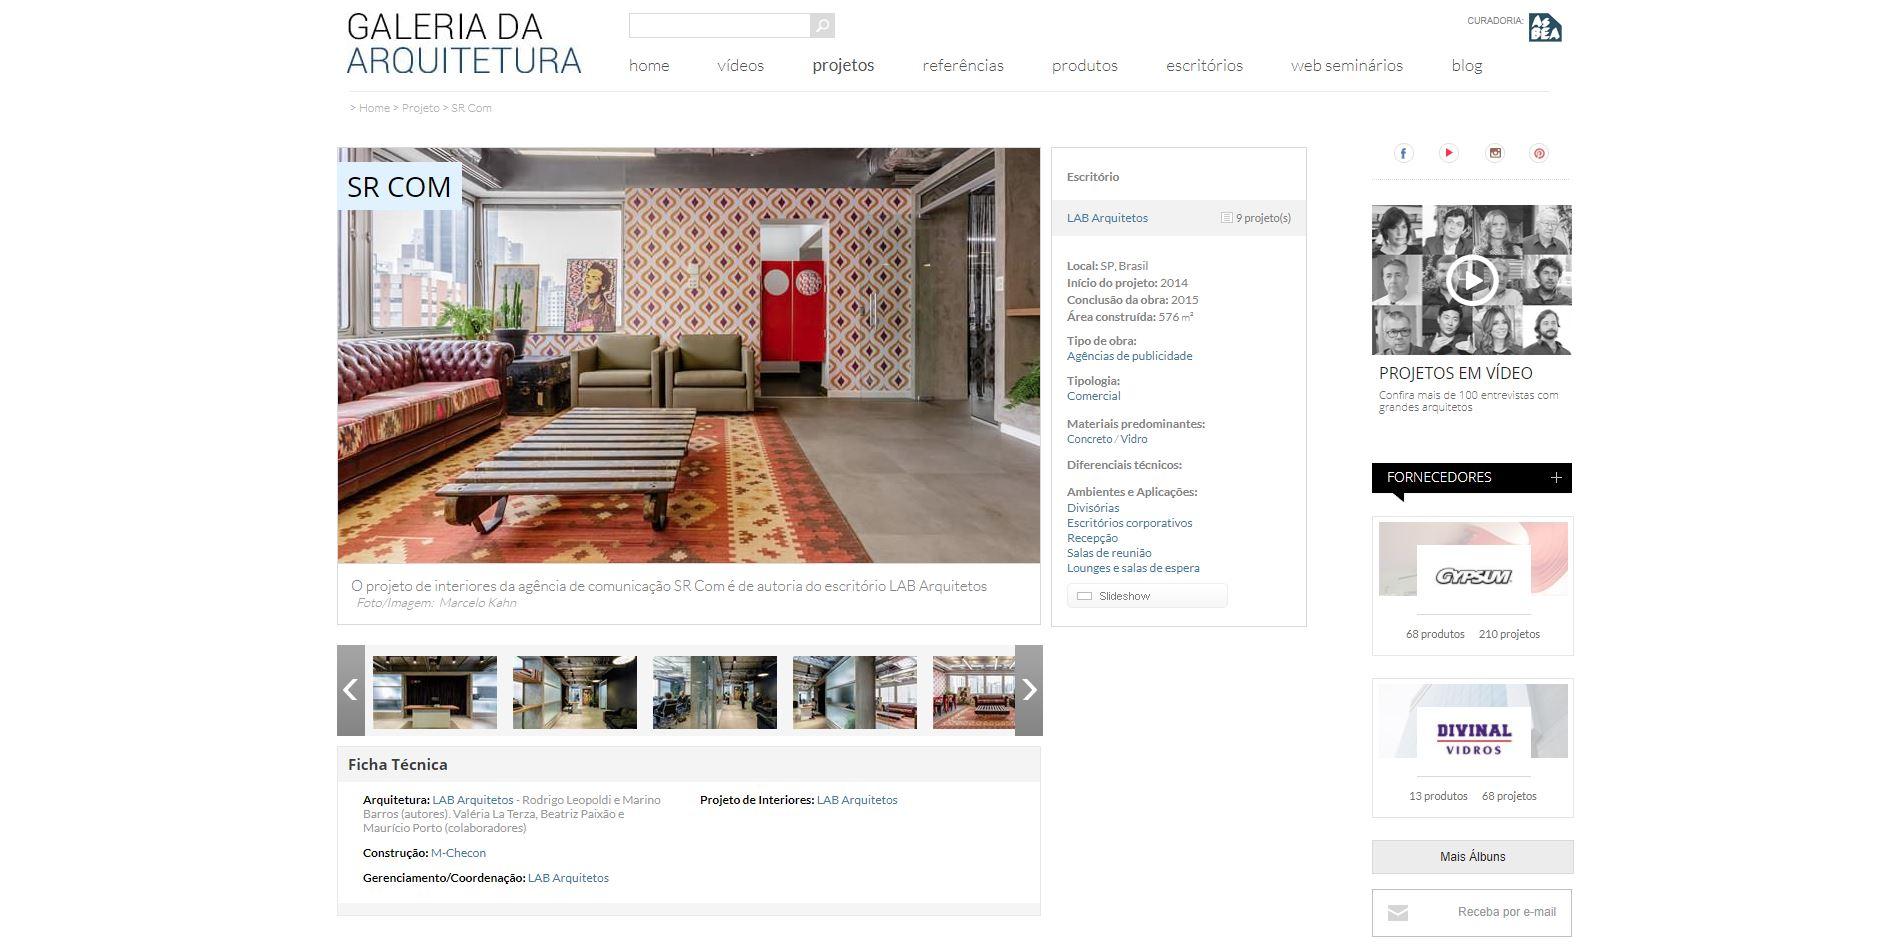 arquitetura-labarquitetos-publicacao-site-galeria-srcom